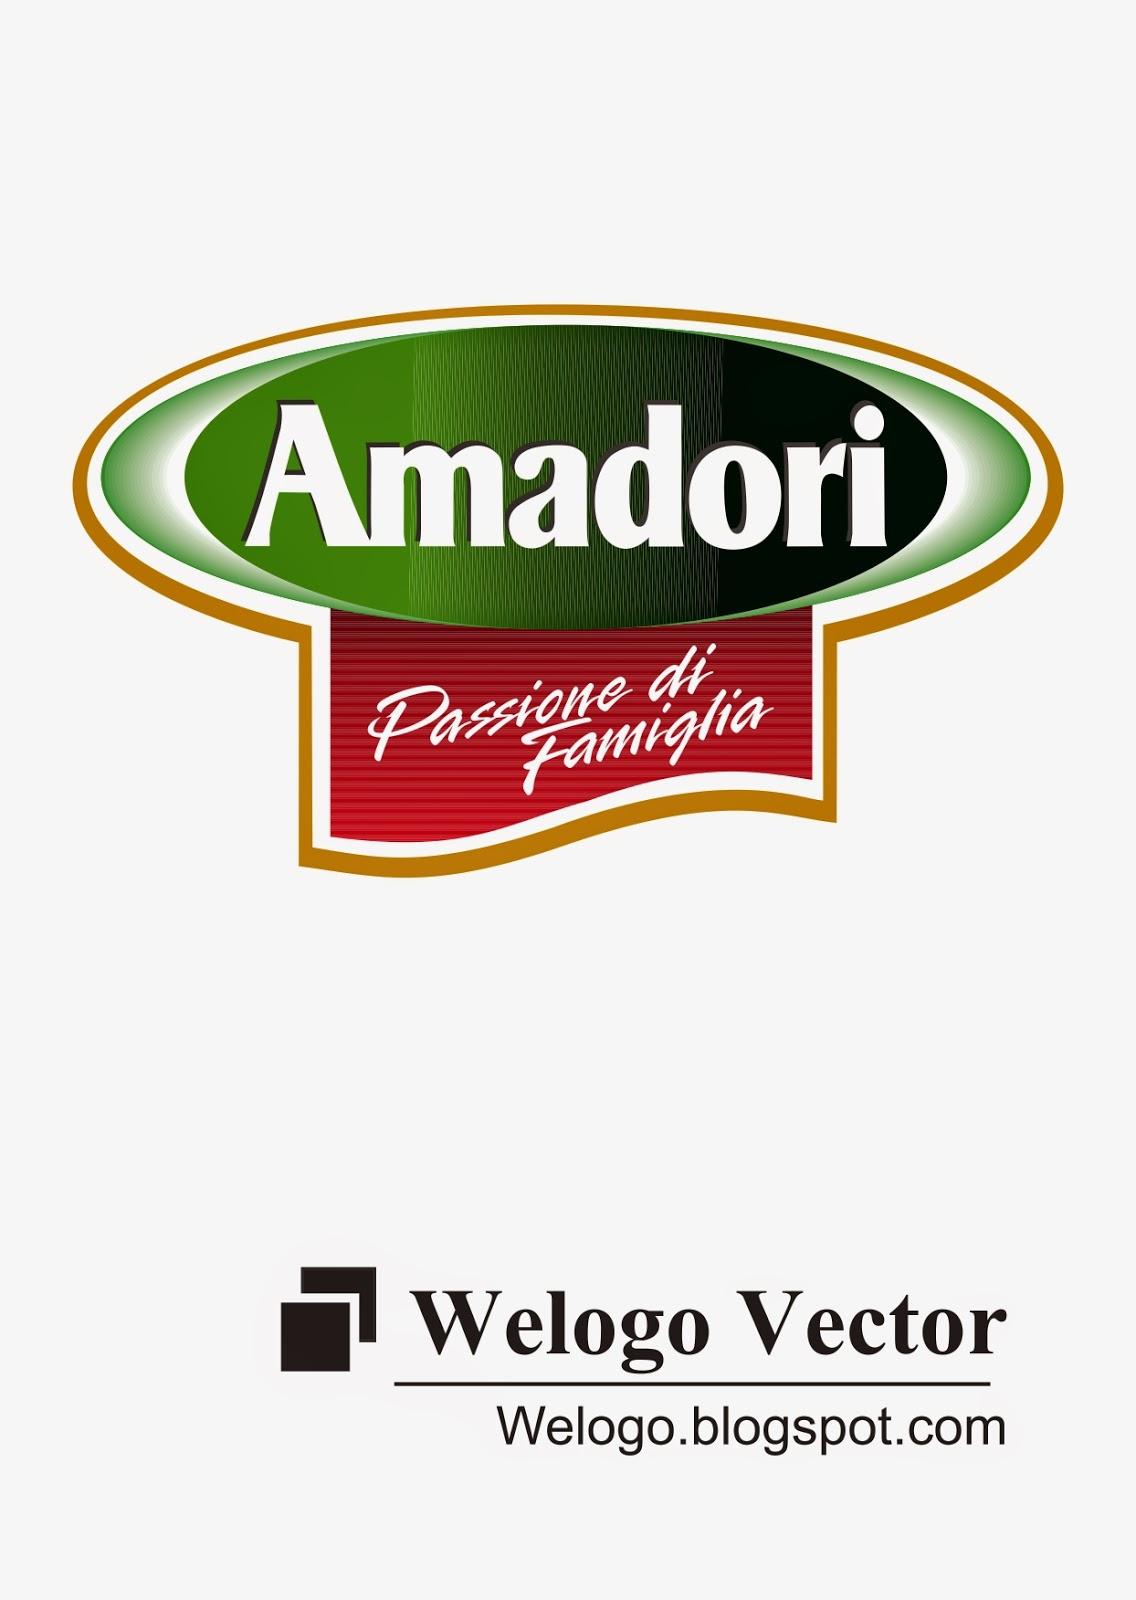 Amadori Vector Logo | welogo vector